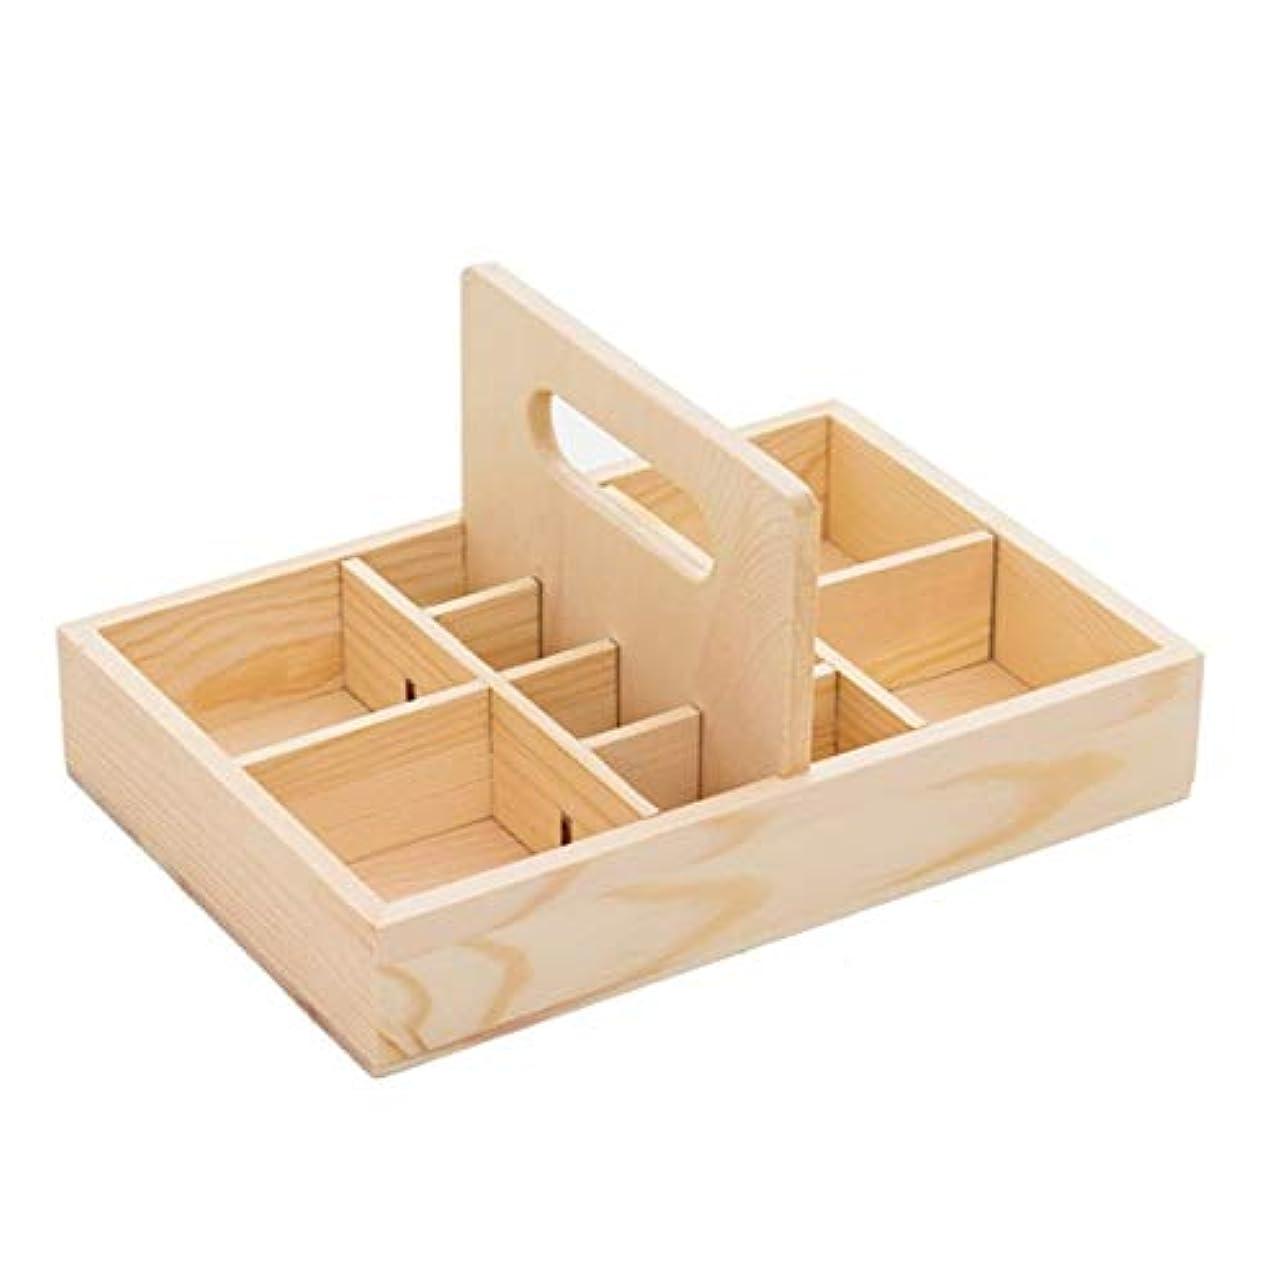 オズワルド状態意見エッセンシャルオイル収納ボックス キャリー付きエッセンシャルオイルストレージボックスオーガナイザーは木製油ケースホルダーをハンドル (色 : Natural, サイズ : 22X15X4.2CM)